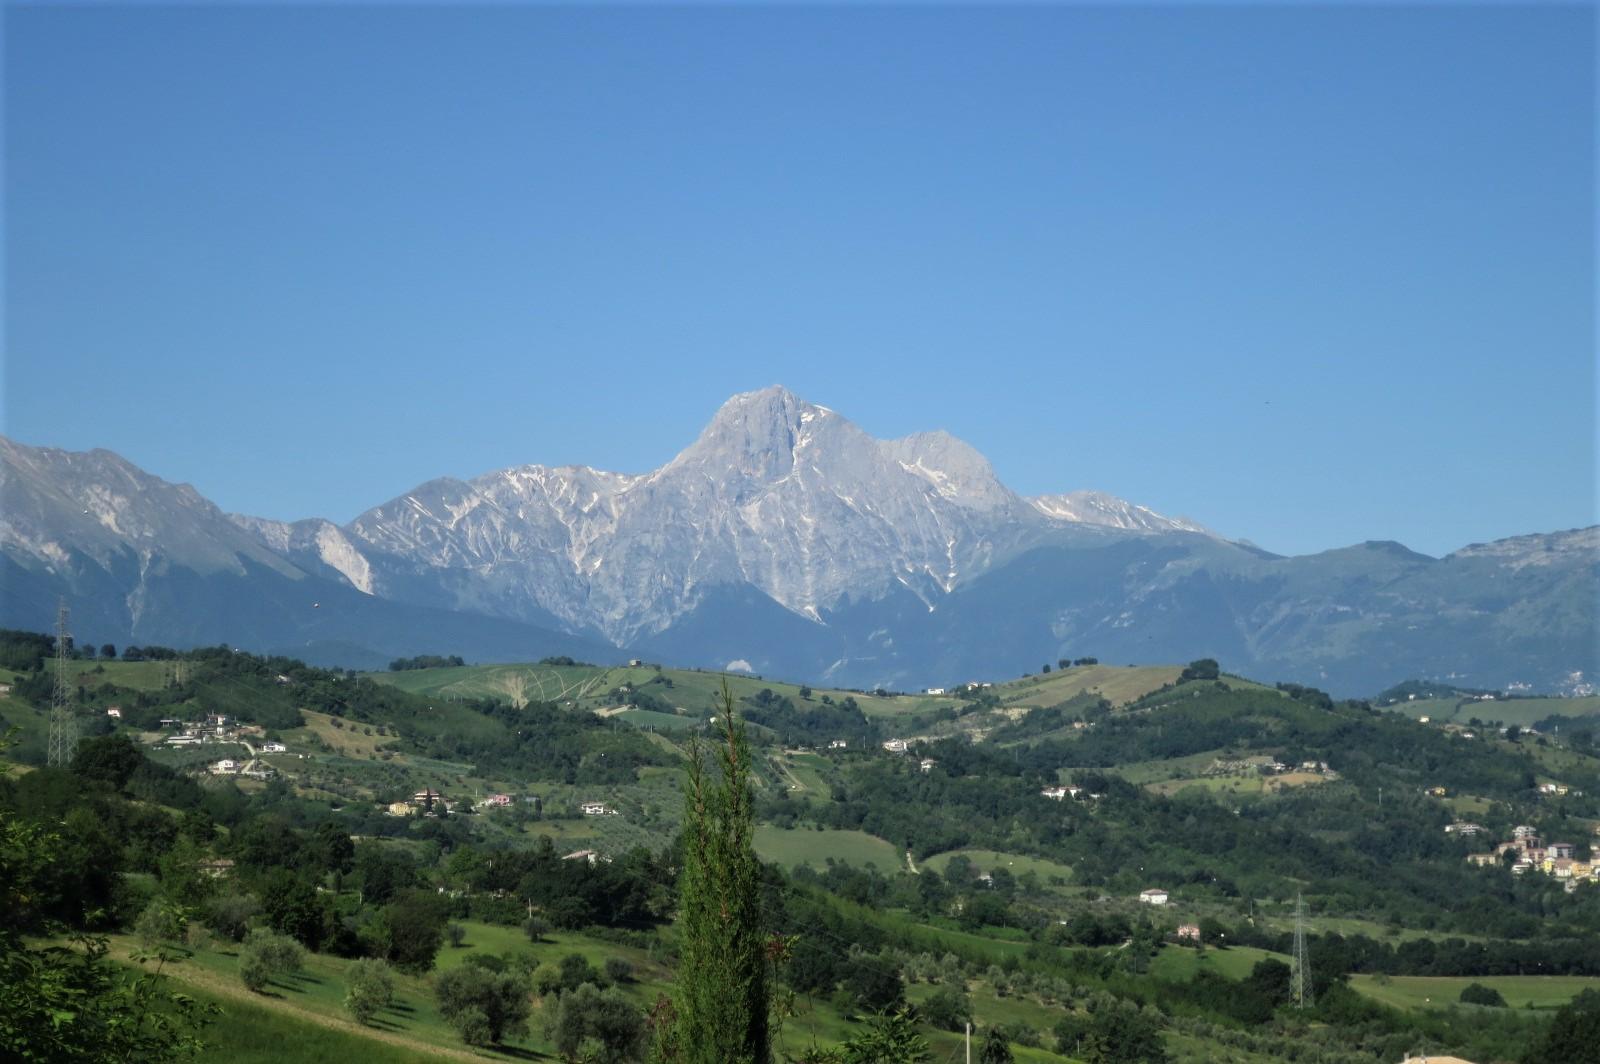 Country Houses Country Houses for sale Castiglione Messer Raimondo (TE), Casa Paradiso - Castiglione Messer Raimondo - EUR 181.096 420